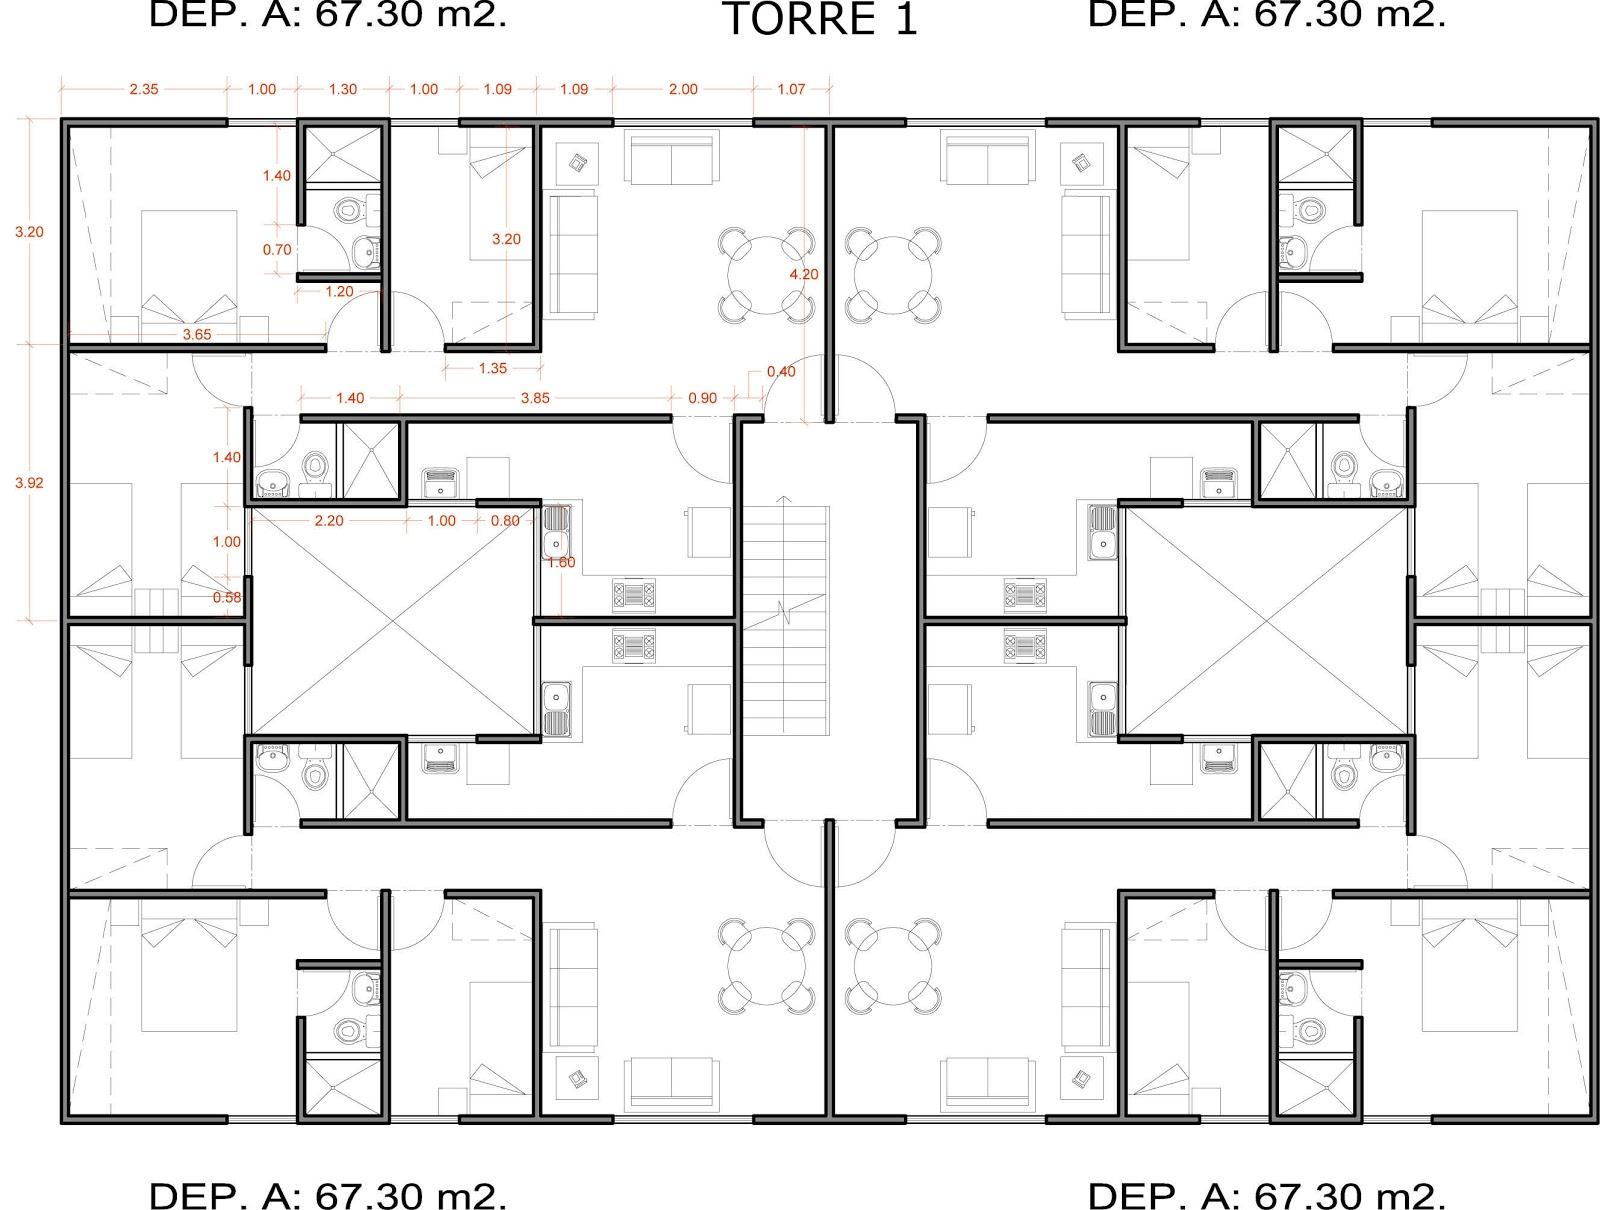 Conceptos lean aplicados al dise o de la vivienda for Planos de viviendas de un piso